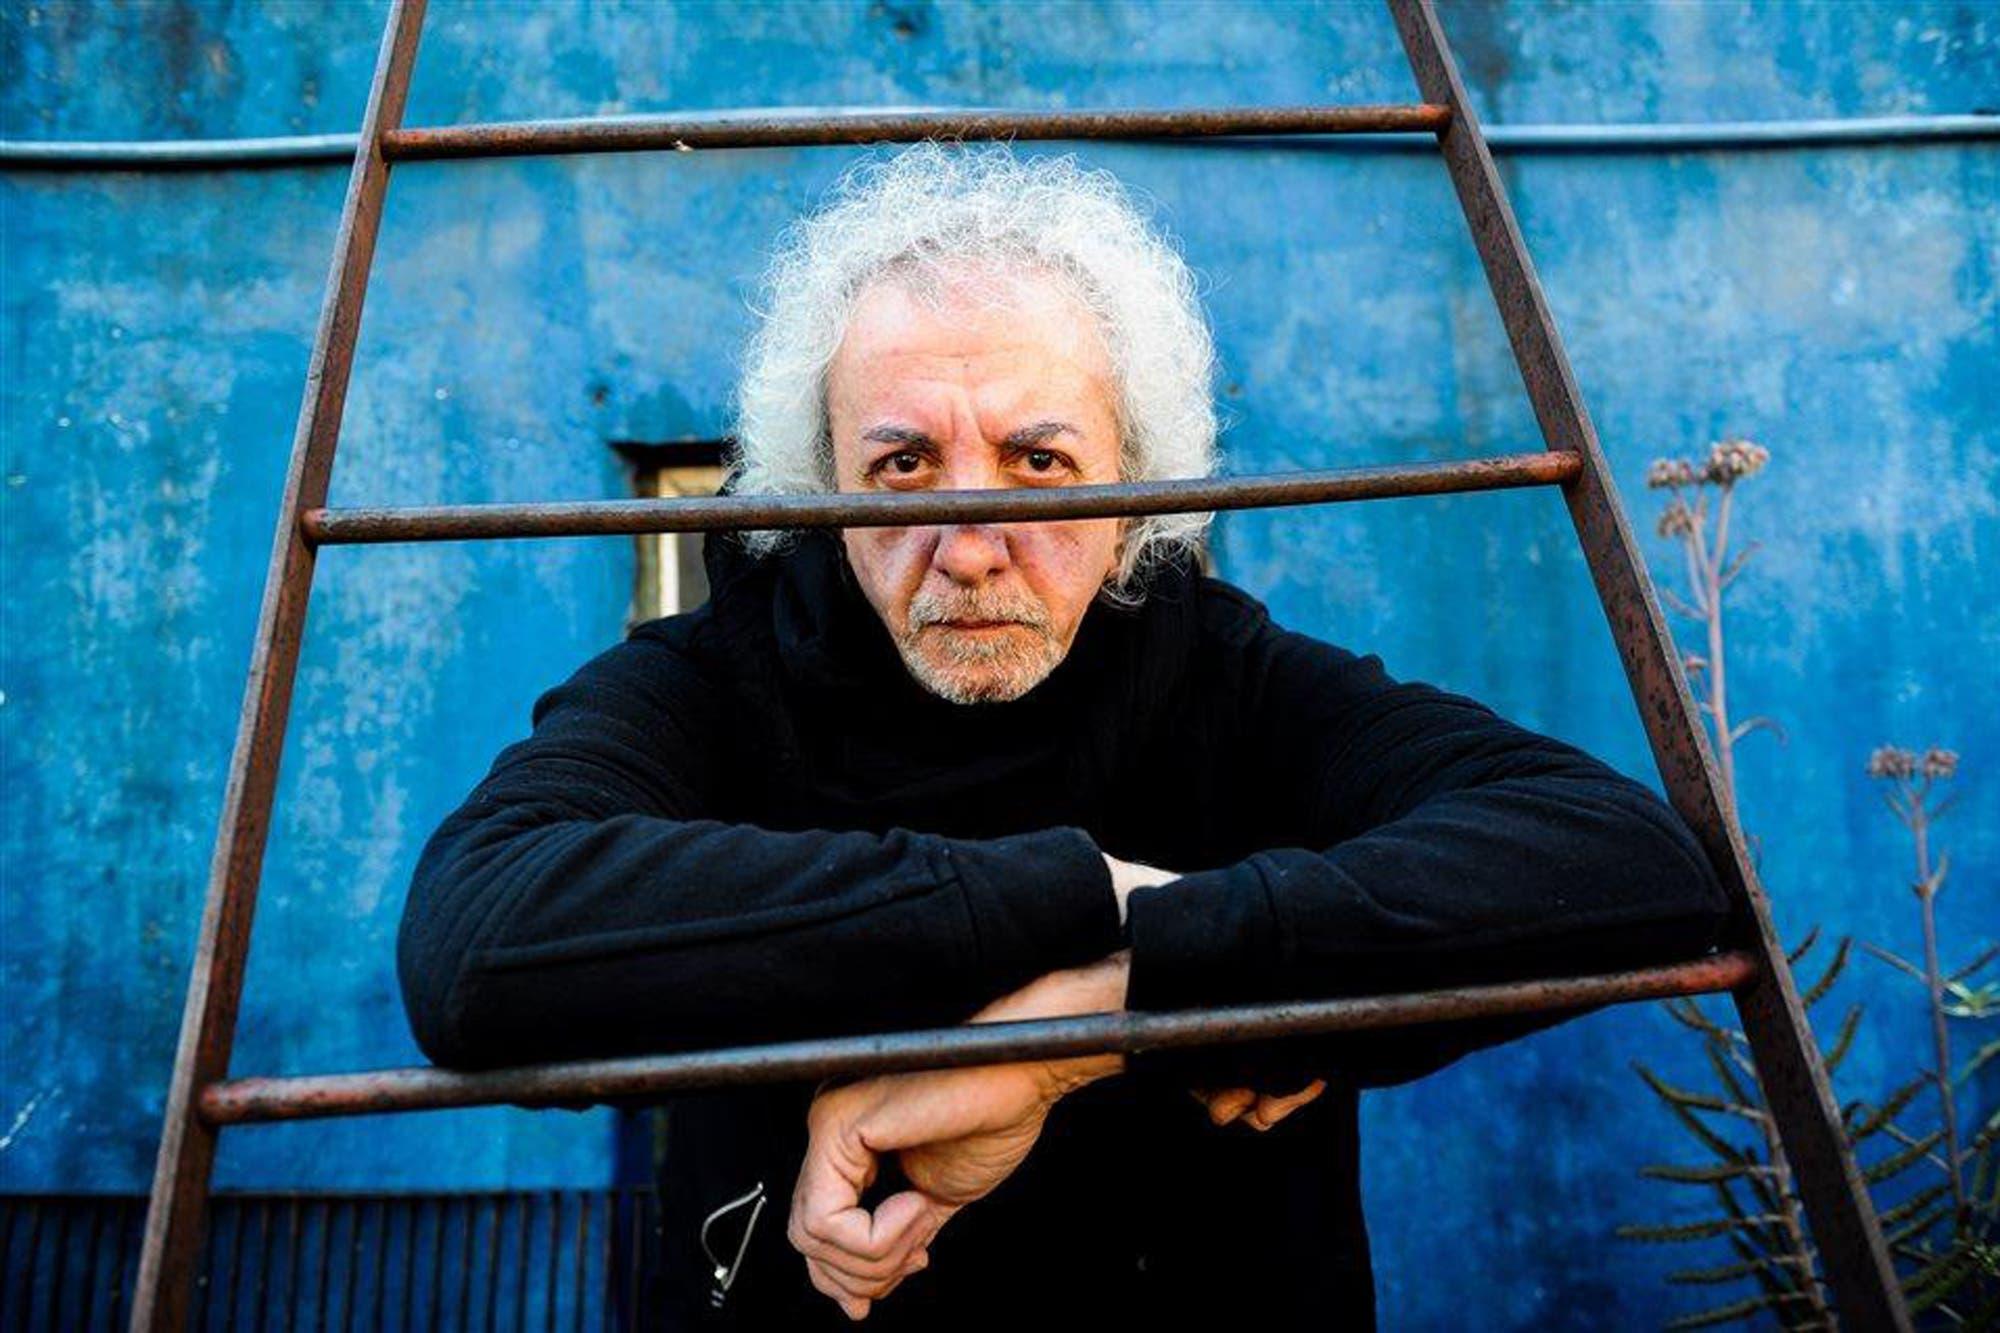 El empresario y productor teatral Omar Pacheco dejó una carta poco antes de morir